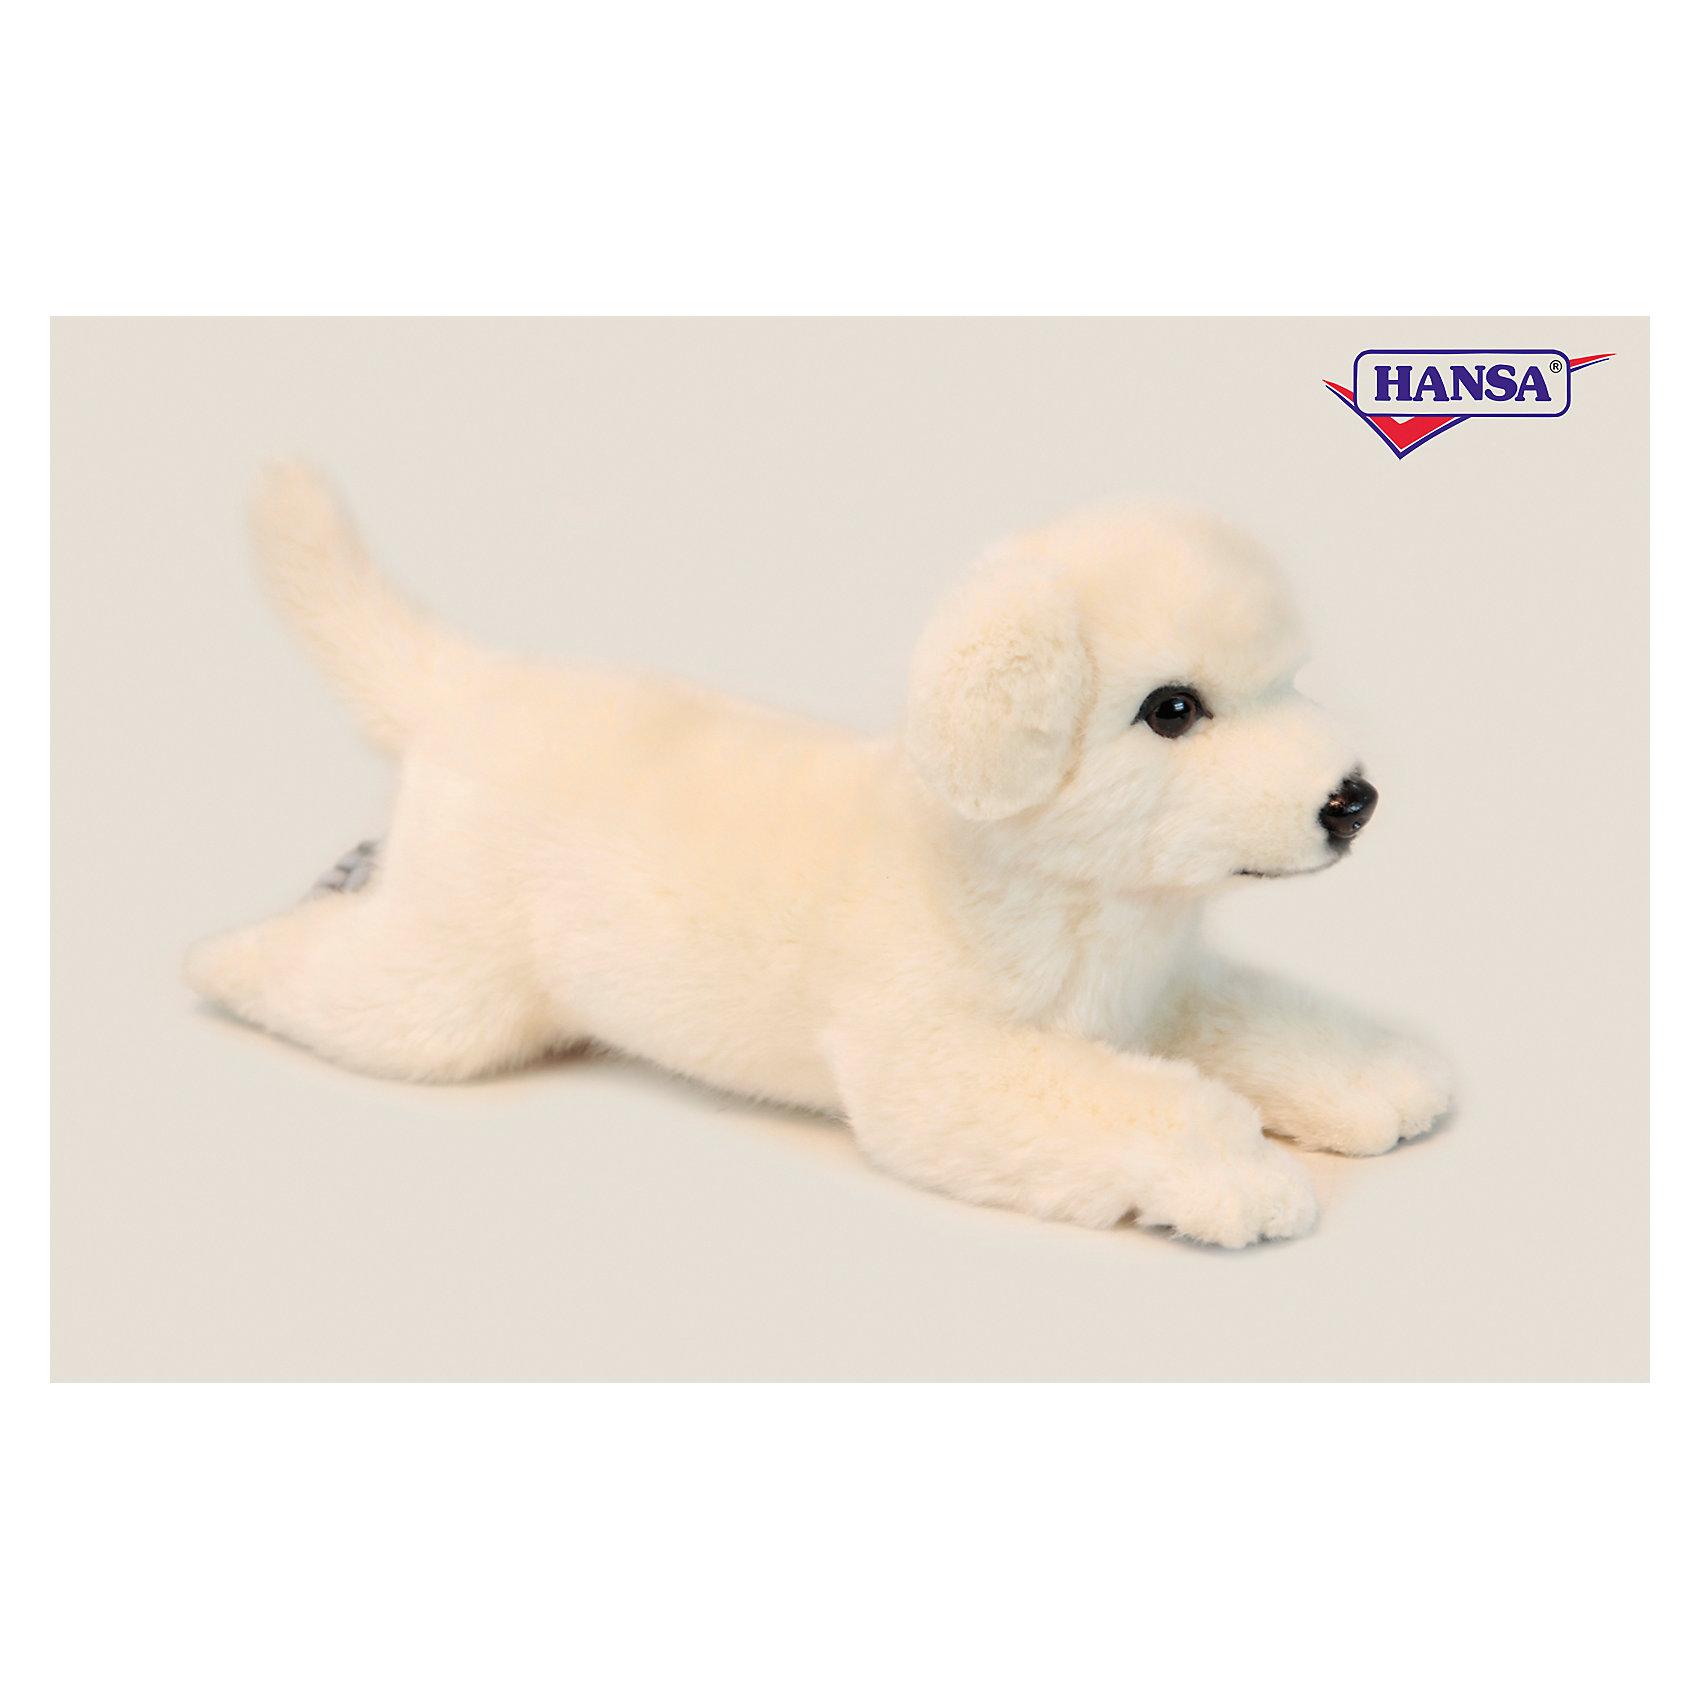 Собака Себастиан, 42 см, HansaМягкие игрушки животные<br>Собака Себастиан, 42 см, Hansa (Ханса)<br><br>Характеристики:<br><br>• реалистичные детали<br>• прочный каркас<br>• приятная на ощупь<br>• размер игрушки: 42 см<br>• материал: искусственный мех, наполнитель, текстиль, пластик<br>• вес: 210 грамм<br><br>Себастиан - очаровательная собачка от Hansa. Ее шерстка очень мягкая и приятная на ощупь, поэтому играть с ней будет очень интересно. Прочный каркас придает игрушке устойчивость и долговечность. Тщательно продуманные детали придают игре еще больше реалистичности. Блестящие глазки и милая поза Себастиана никого не оставят равнодушным! <br><br>Собаку Себастиан, 42 см, Hansa (Ханса) вы можете купить в нашем интернет-магазине.<br><br>Ширина мм: 420<br>Глубина мм: 160<br>Высота мм: 190<br>Вес г: 210<br>Возраст от месяцев: 36<br>Возраст до месяцев: 2147483647<br>Пол: Унисекс<br>Возраст: Детский<br>SKU: 5503301